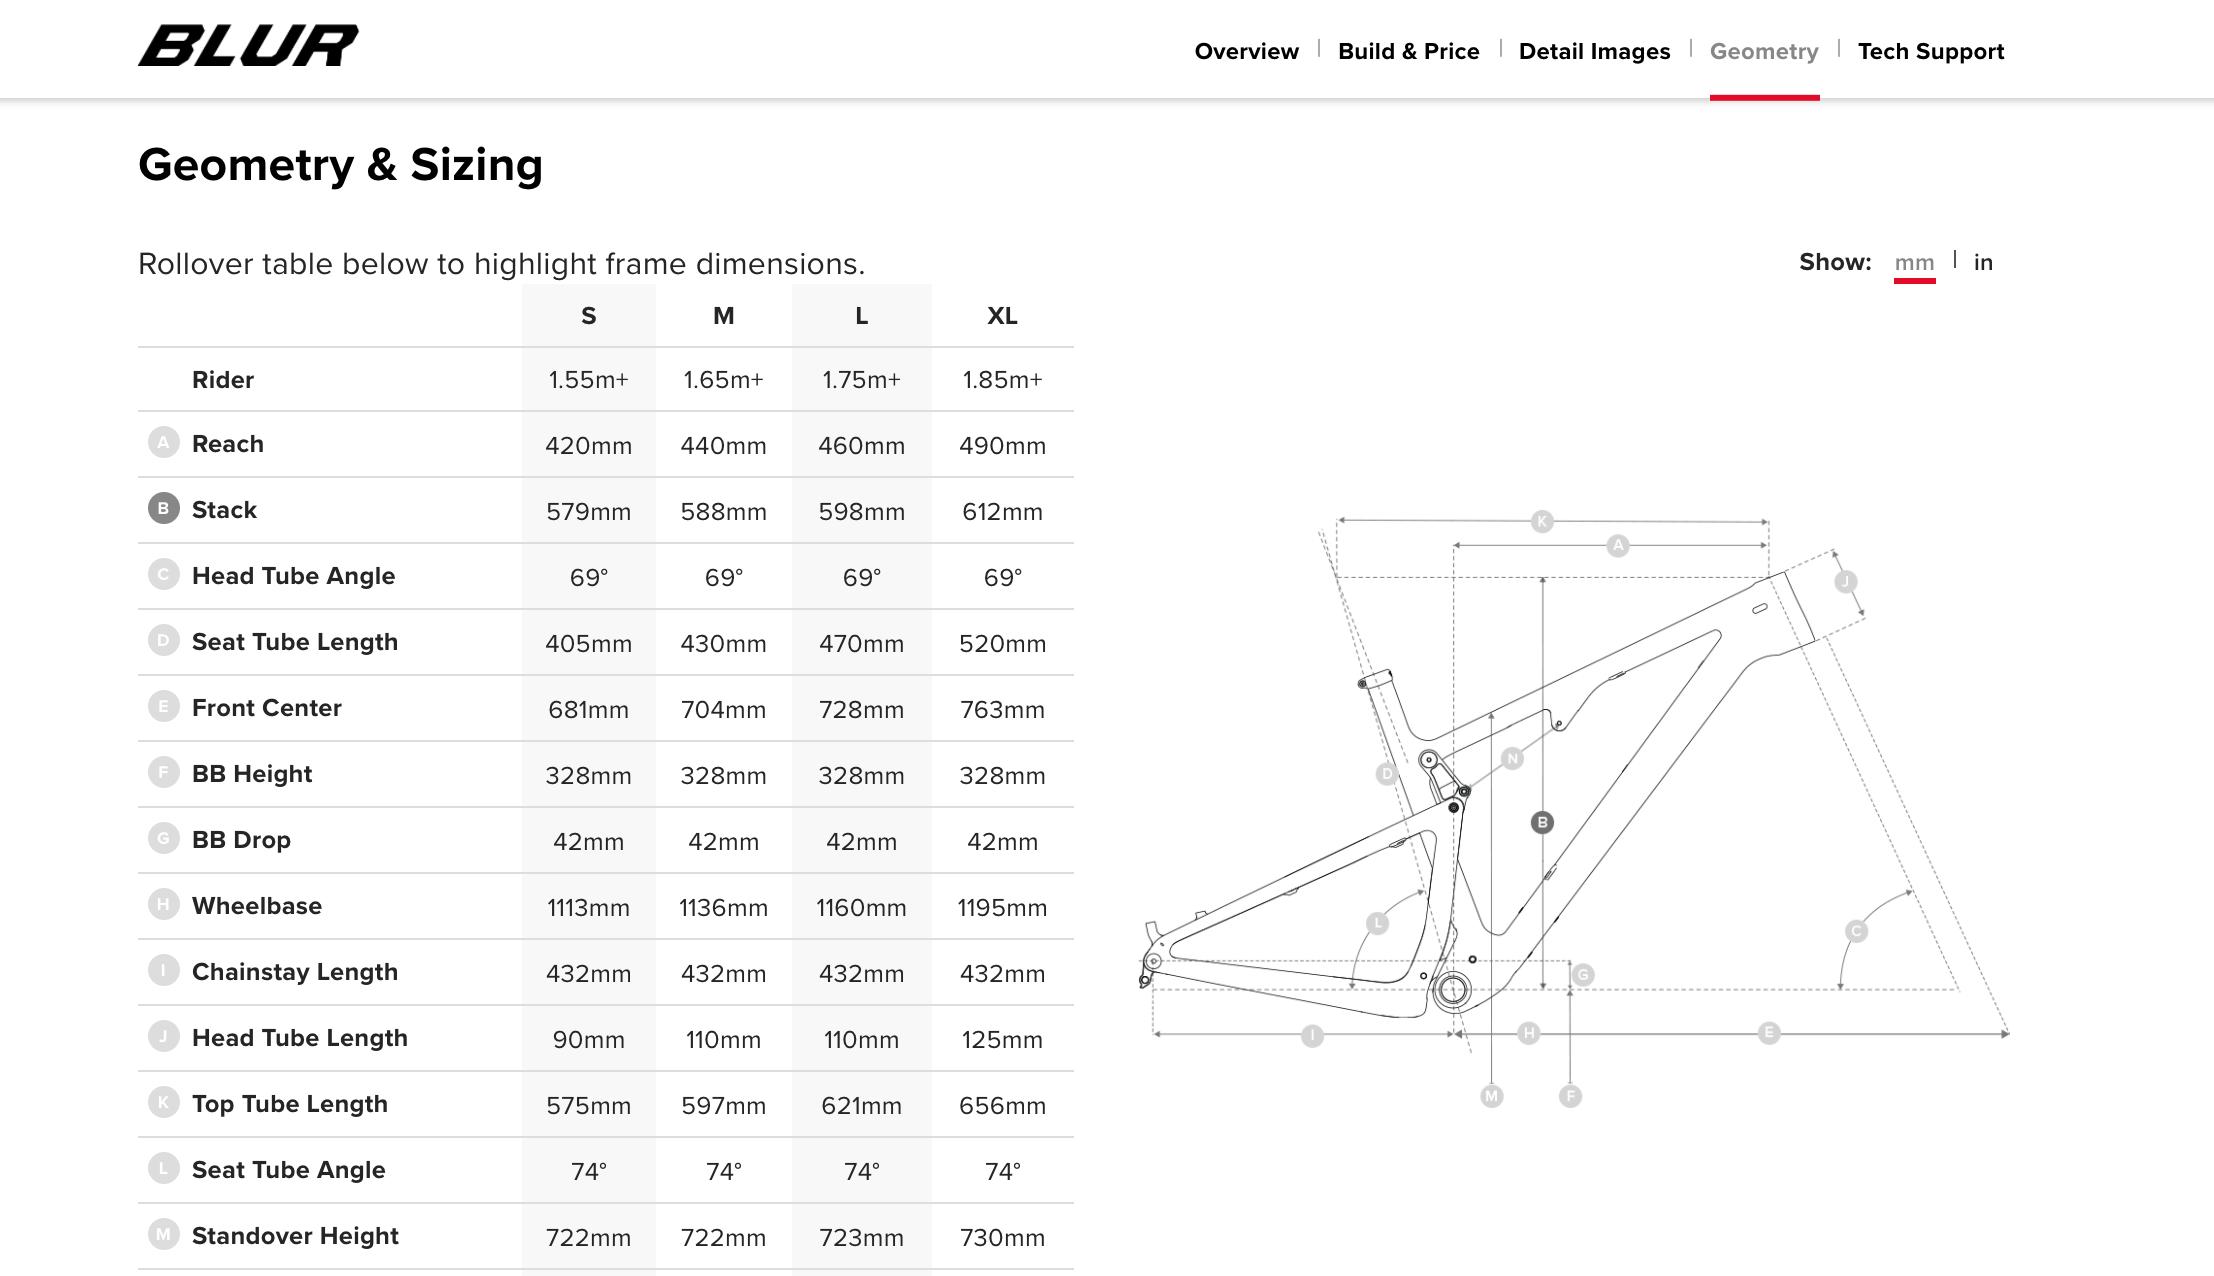 santa-cruz-blur-geometry-and-sizing.png